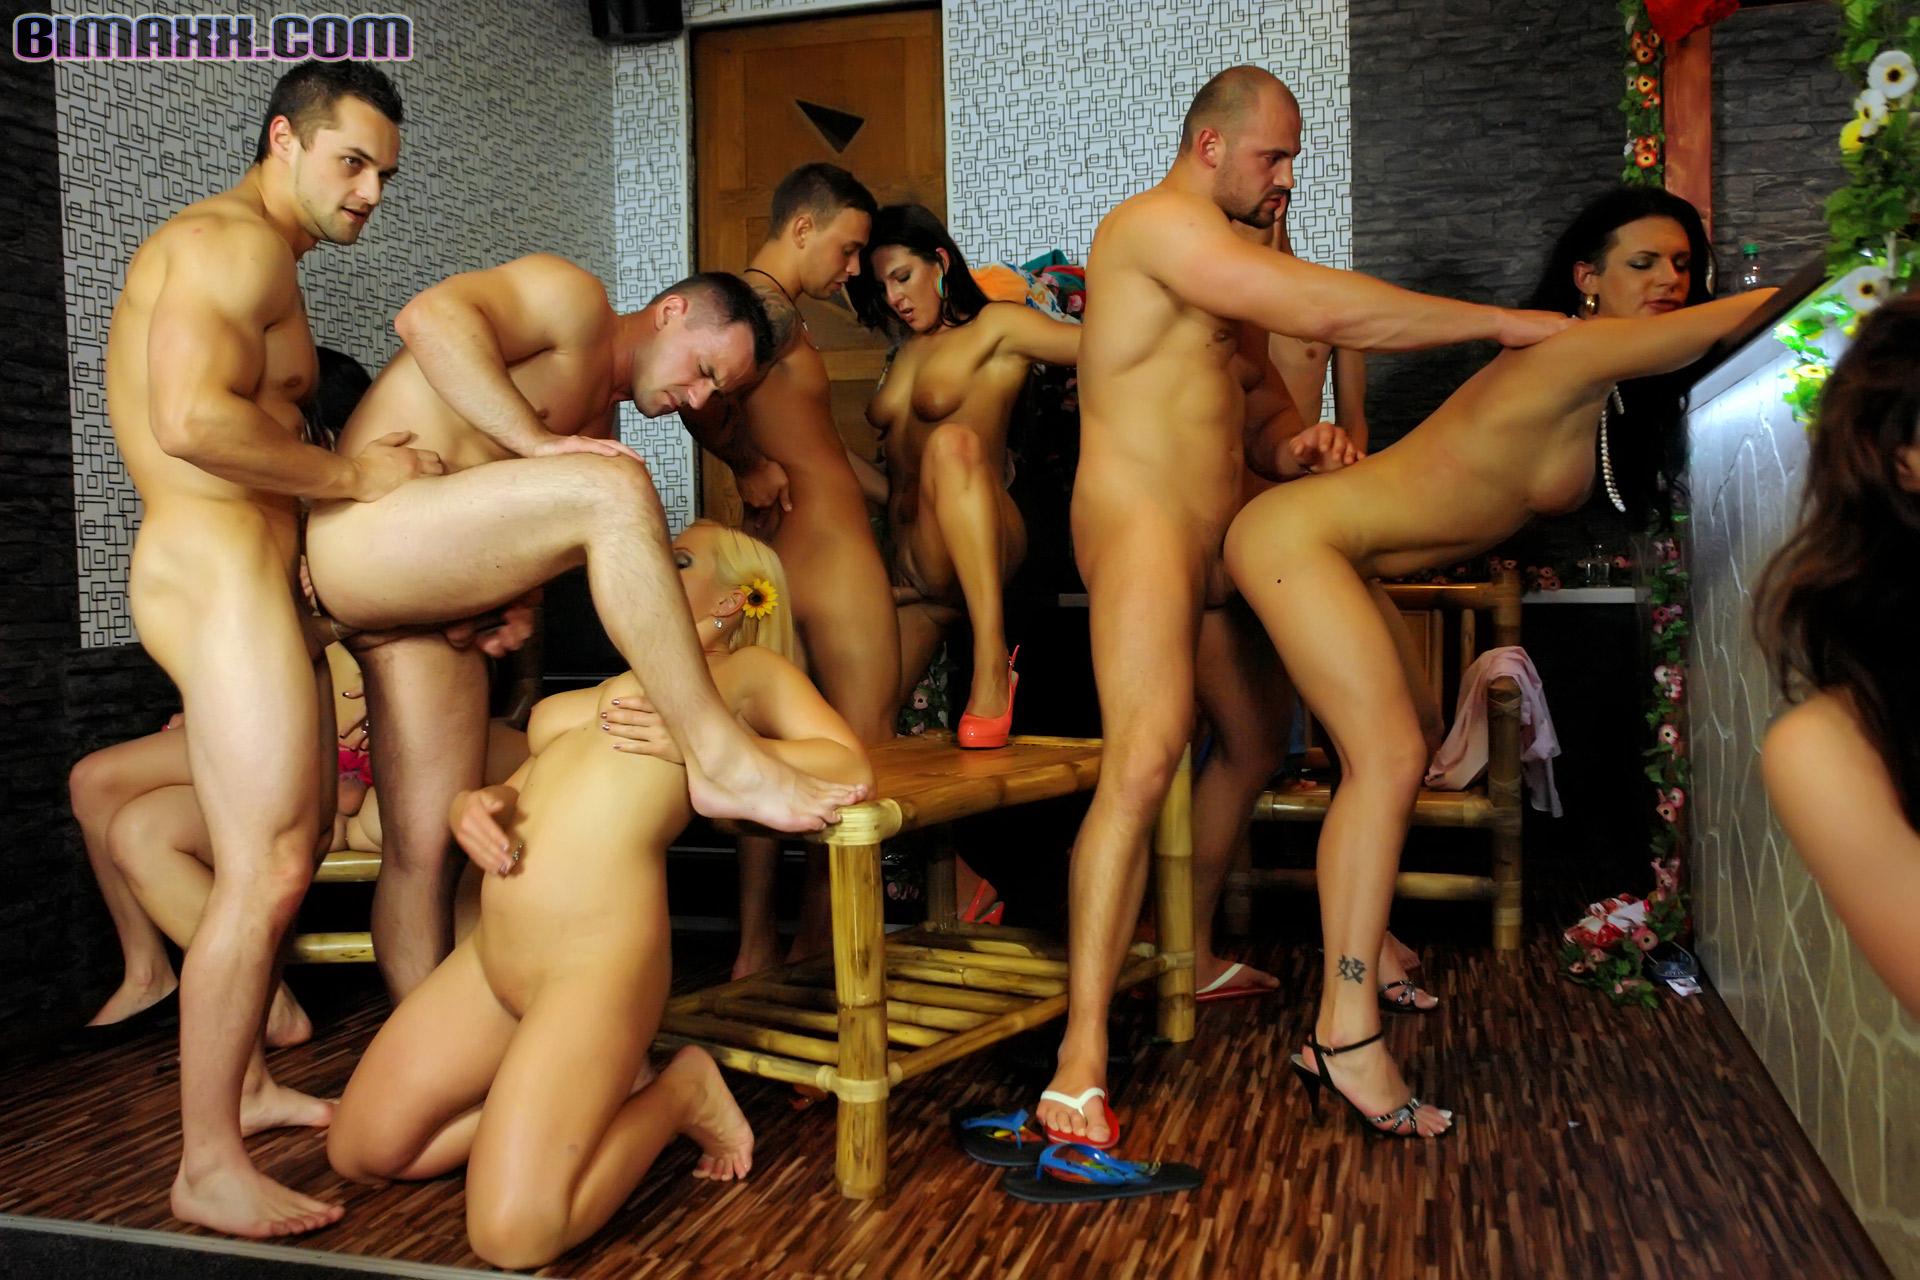 Секс москве смотреть онлайн, Москвы (найденопорно видео роликов) 9 фотография